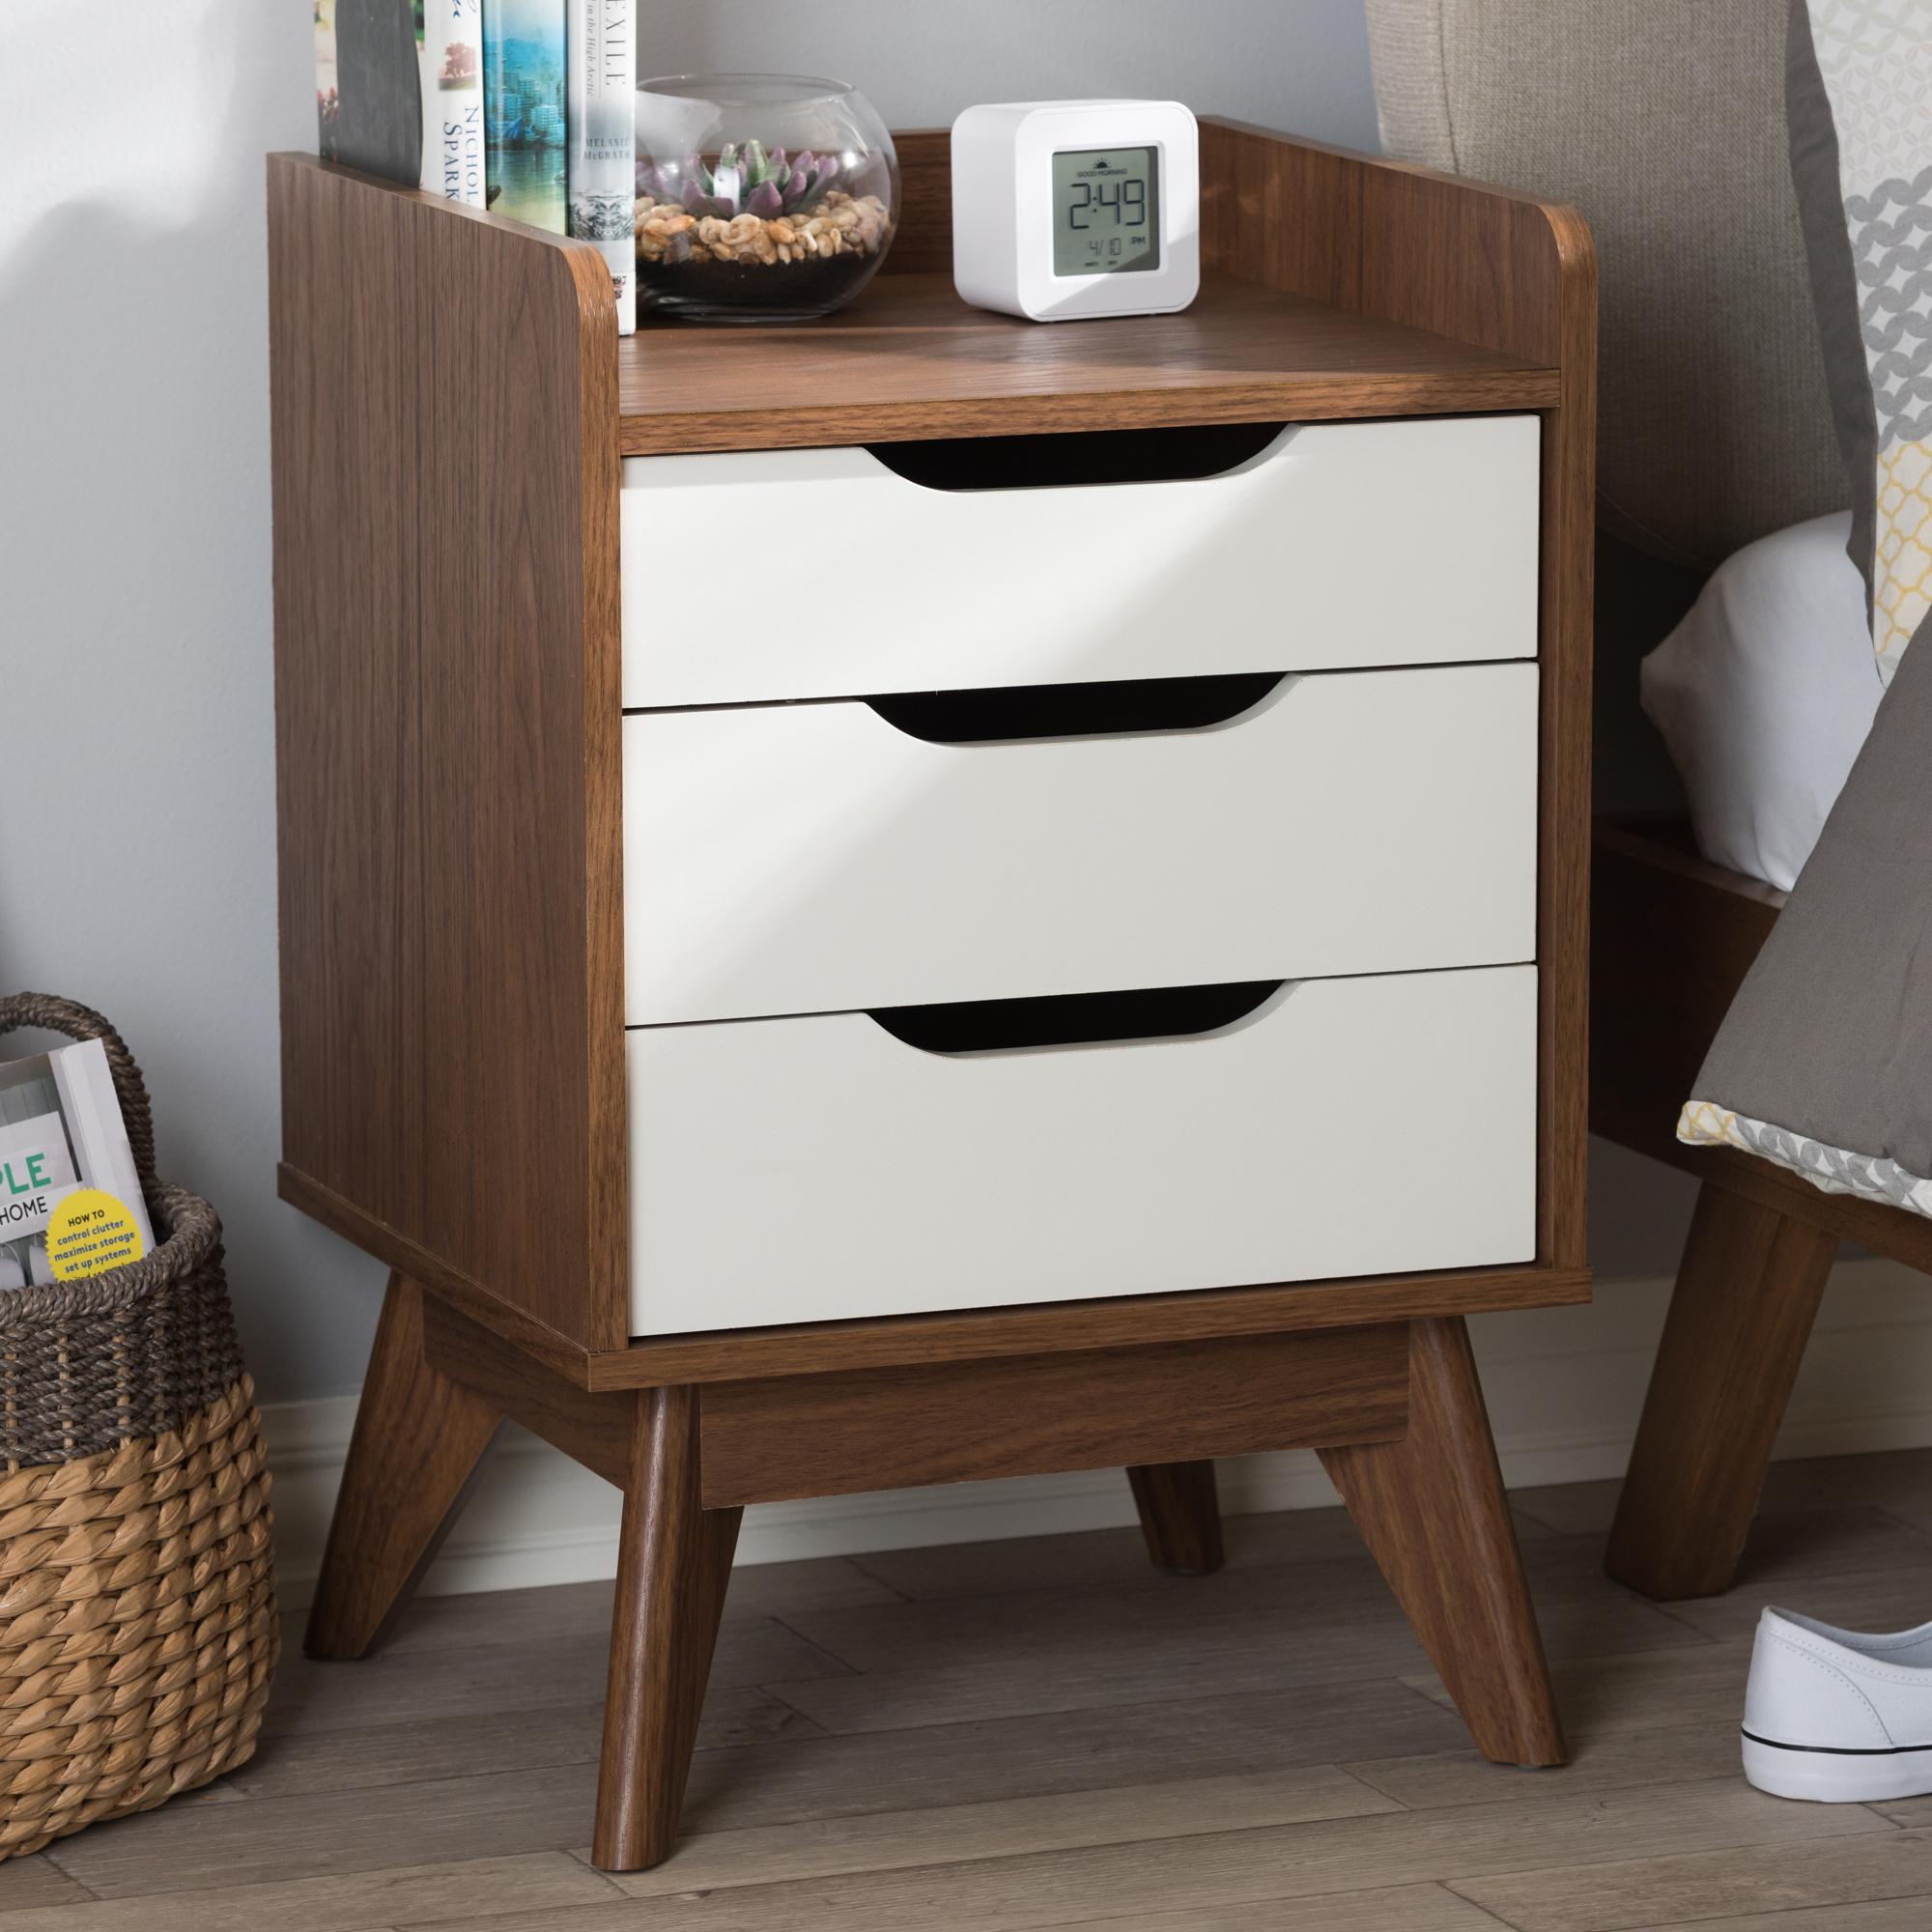 ... Baxton Studio Brighton Mid Century Modern White And Walnut Wood  3 Drawer Storage Nightstand ...